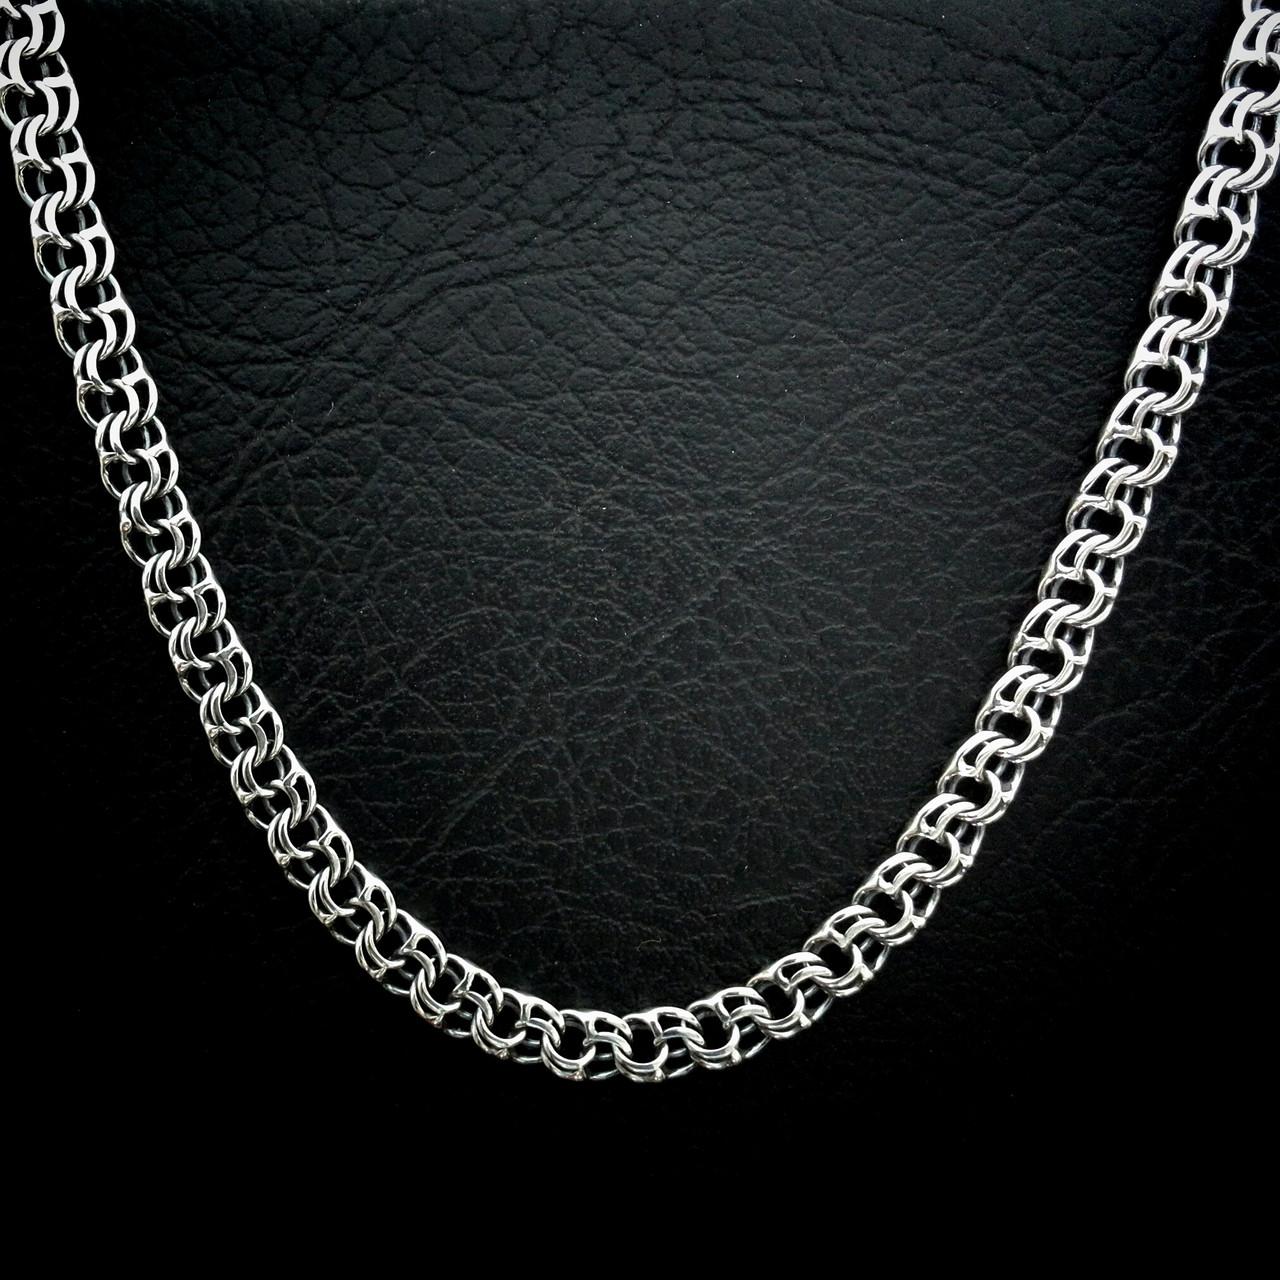 Серебряная мужская цепочка, 550мм, 37 грамм, плетение Бисмарк московский